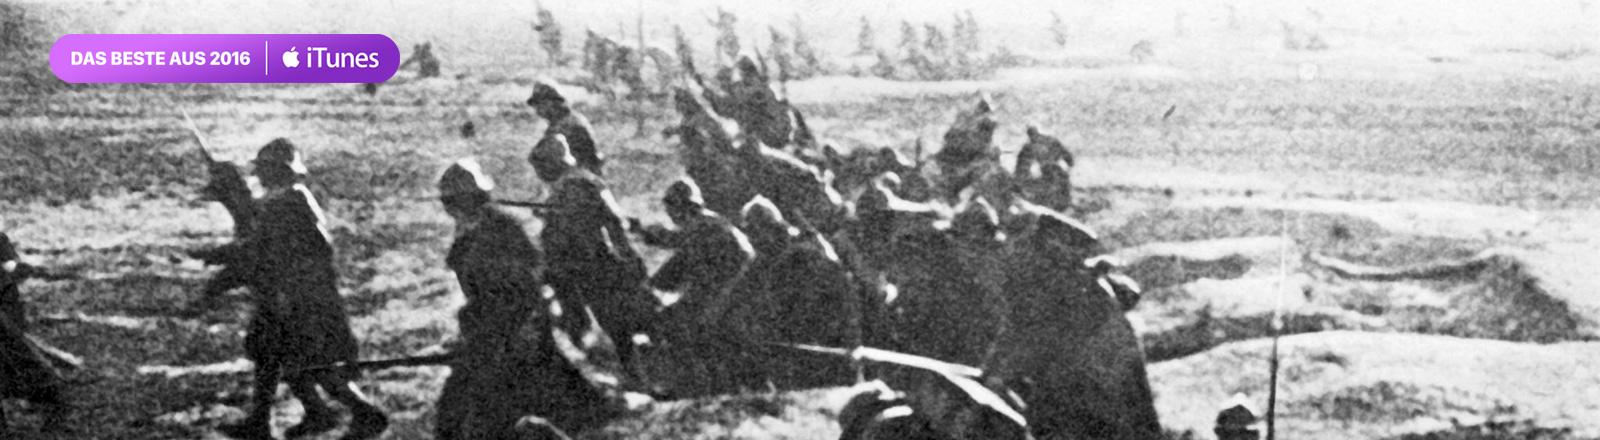 Französische Soldaten klettern während der Schlacht um die ostfranzösische Stadt Verdun zu einem Angriff aus ihren Schützengräben (Archivfoto von 1916). Bei der Schlacht um Verdun sind von Februar bis Dezember 1916 rund 700.000 Menschen umgekommen.